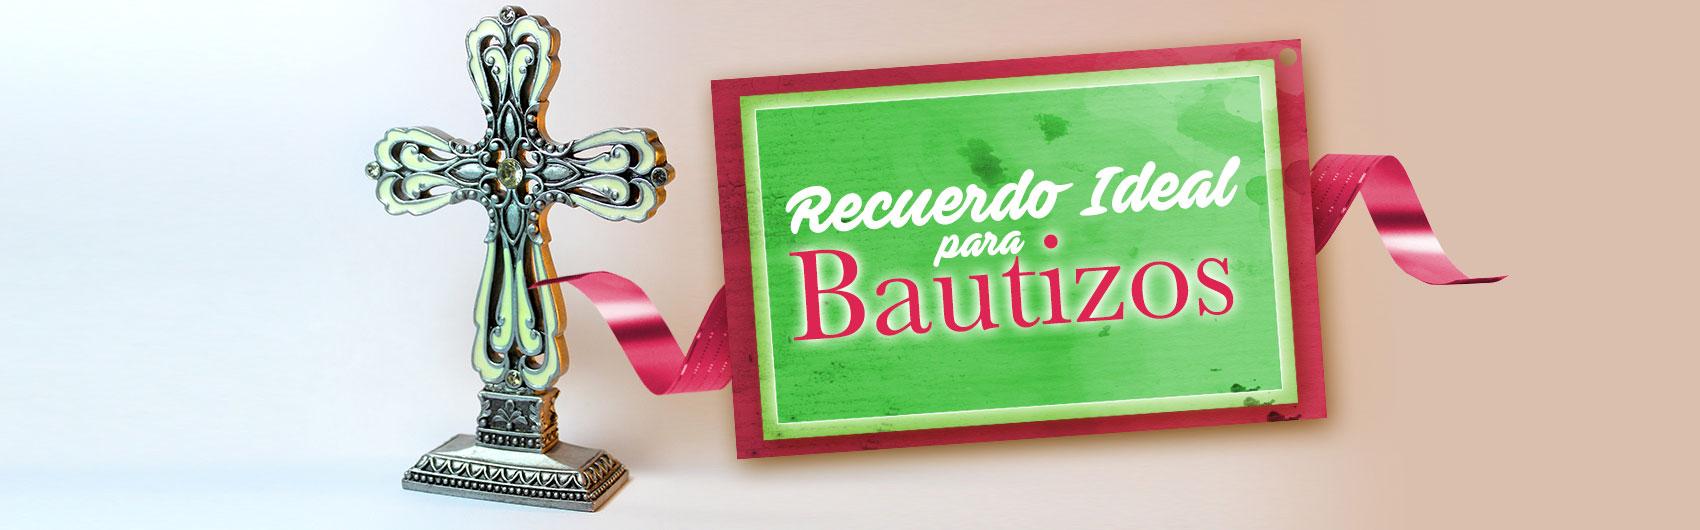 recuerdos-bautizos-mexico-1